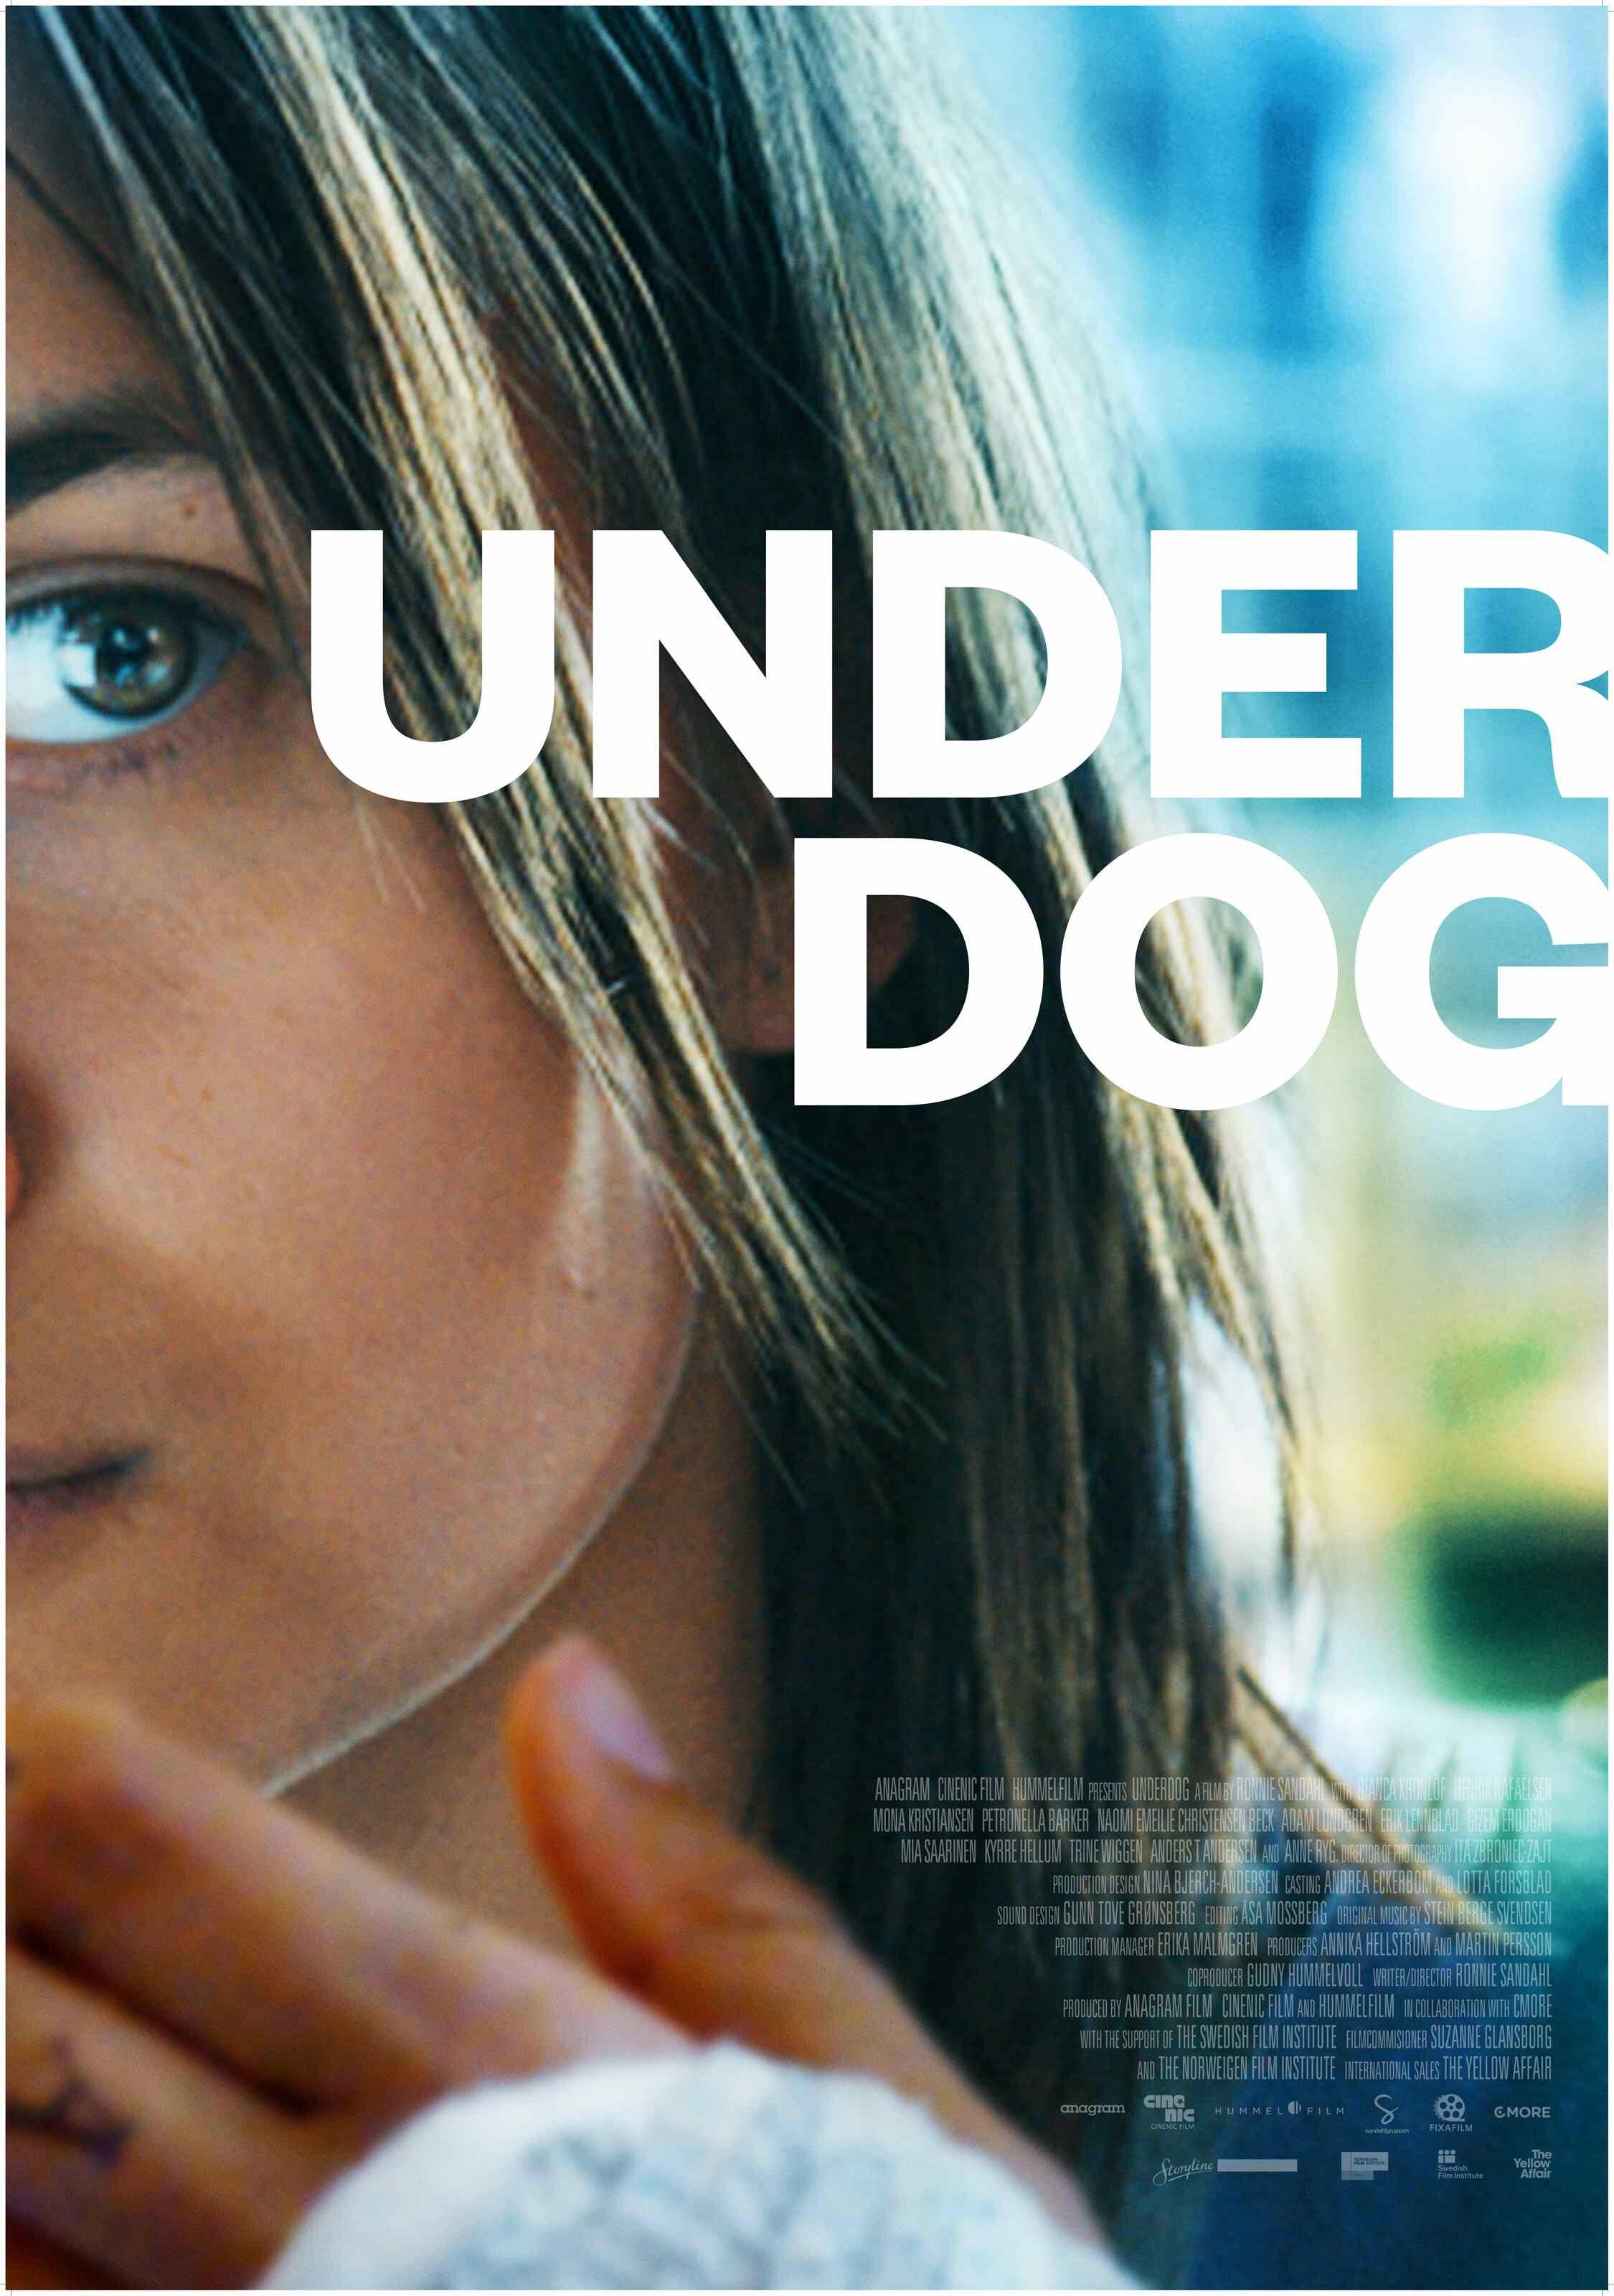 Underdog_70x100_kjs15_sm.jpg